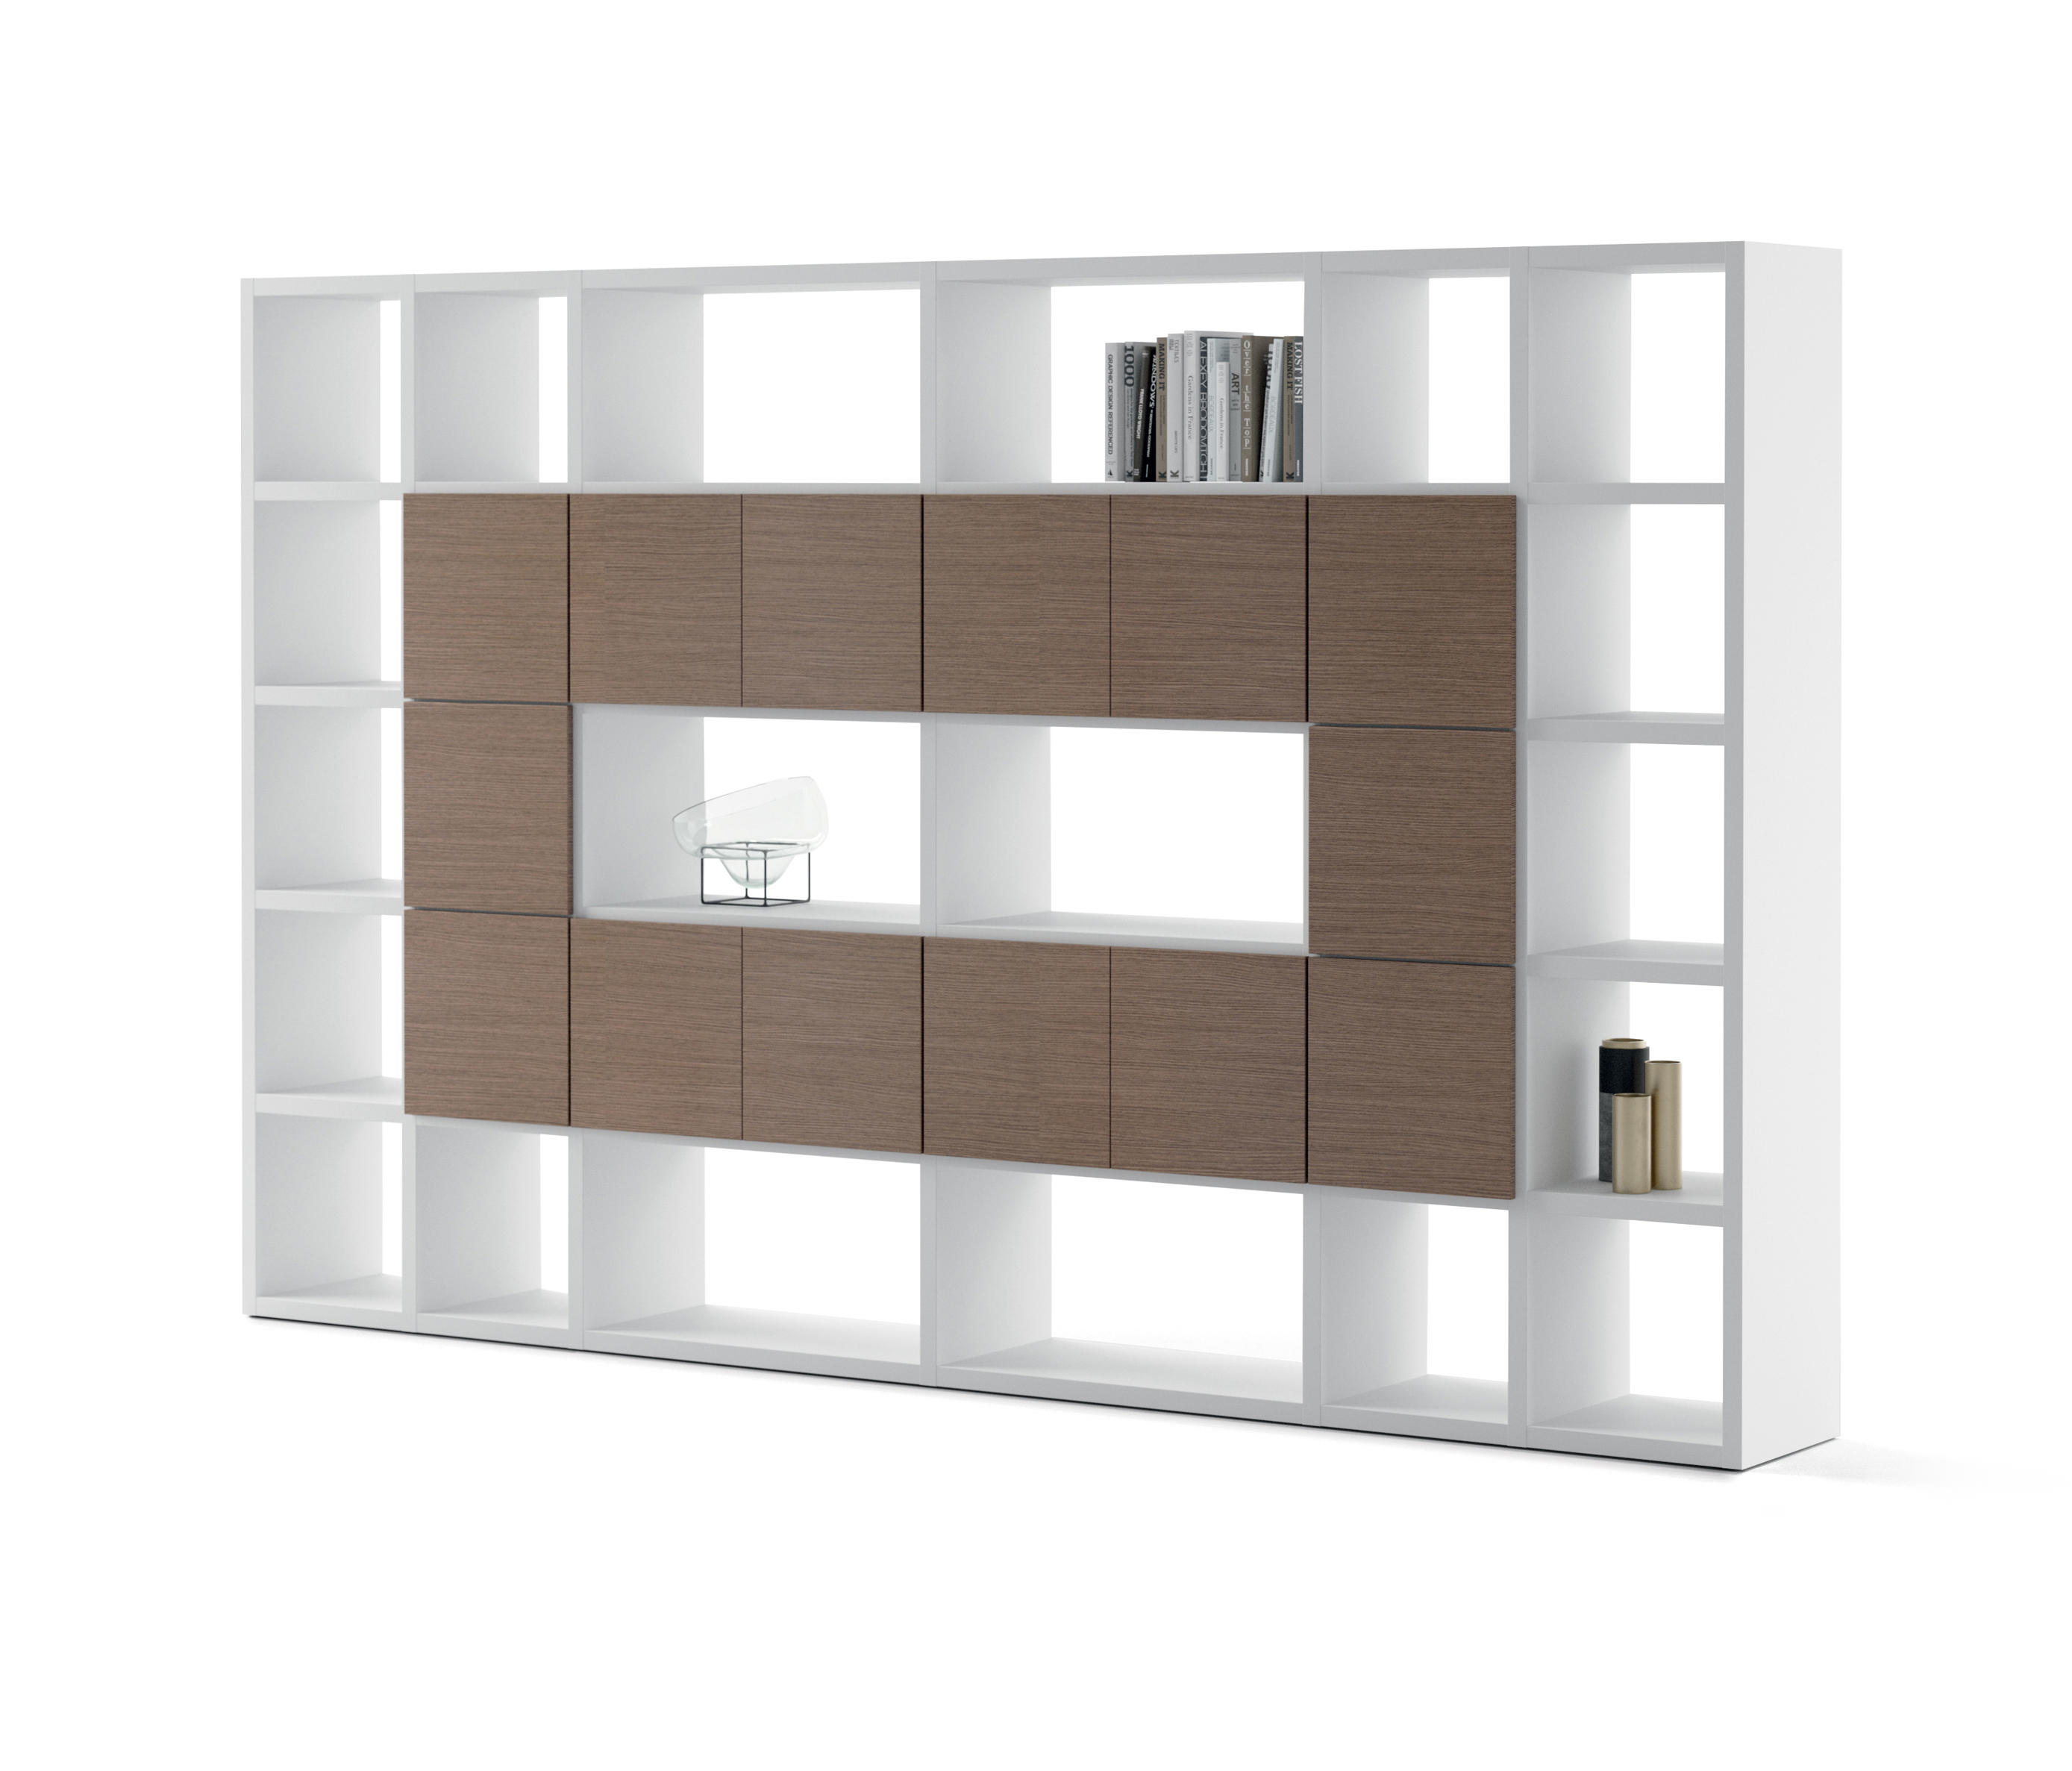 Beautiful dv librerie componibili di dvo componibili with for Scaffalature metalliche ikea